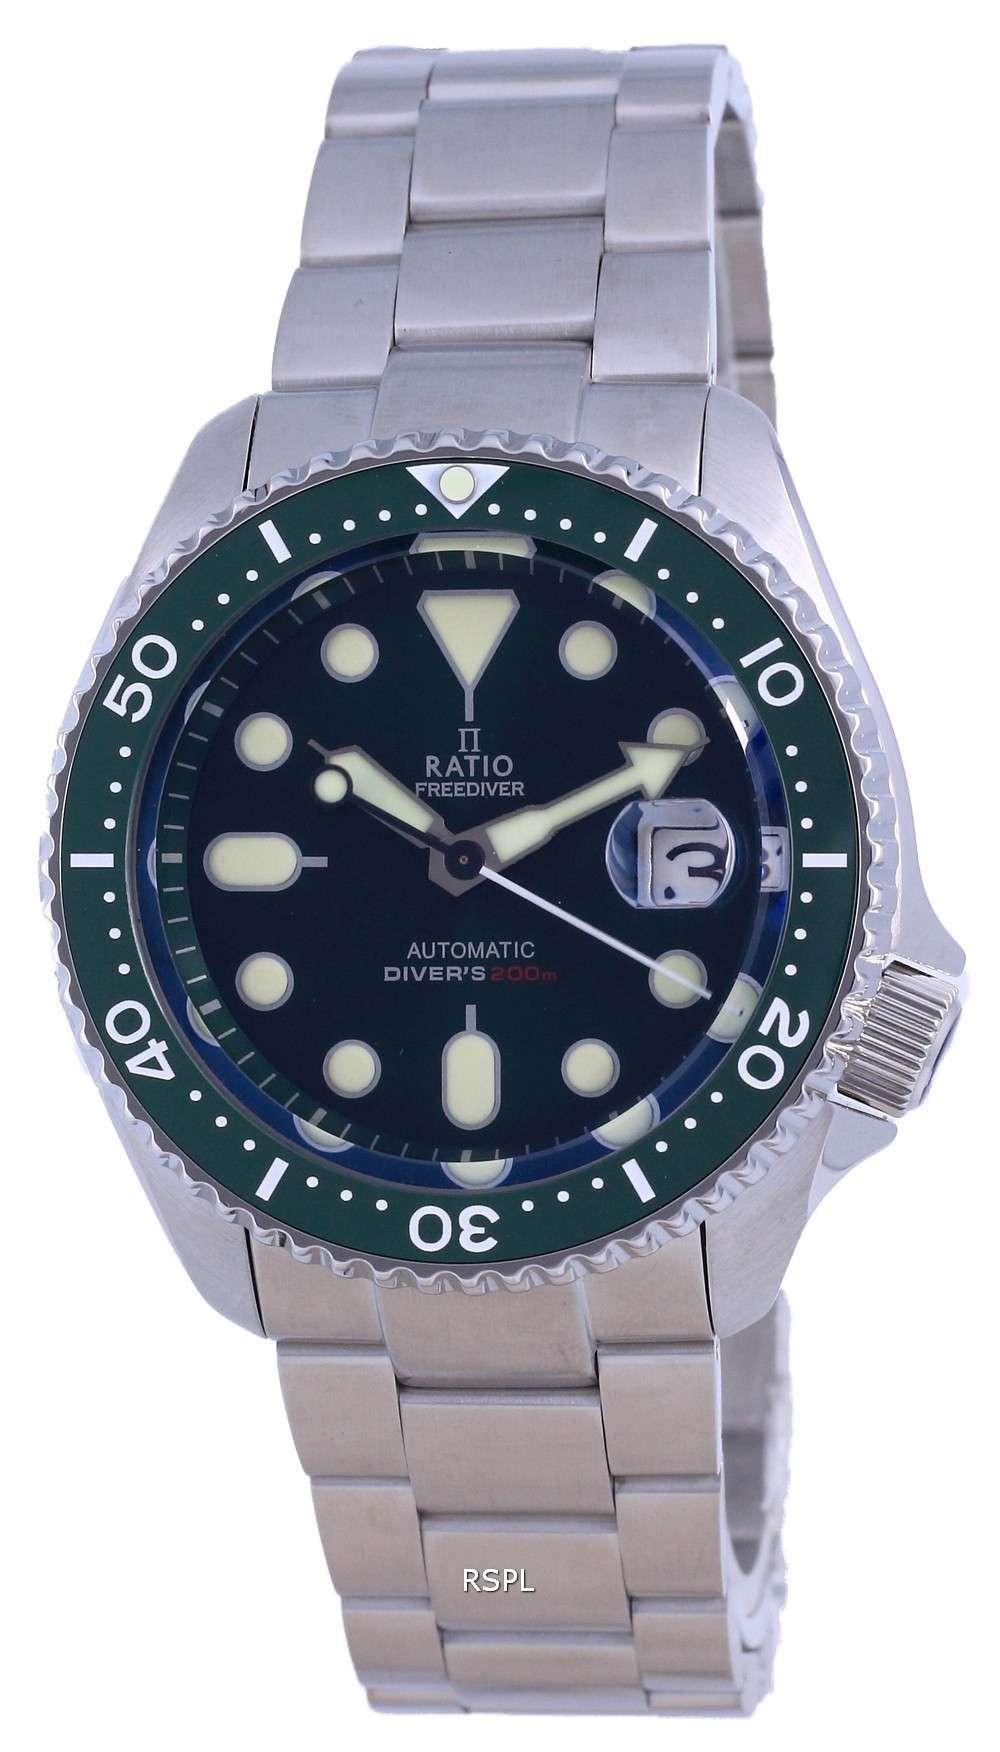 Ratio FreeDiver esfera verde acero inoxidable automático RTB205 200M reloj para hombre